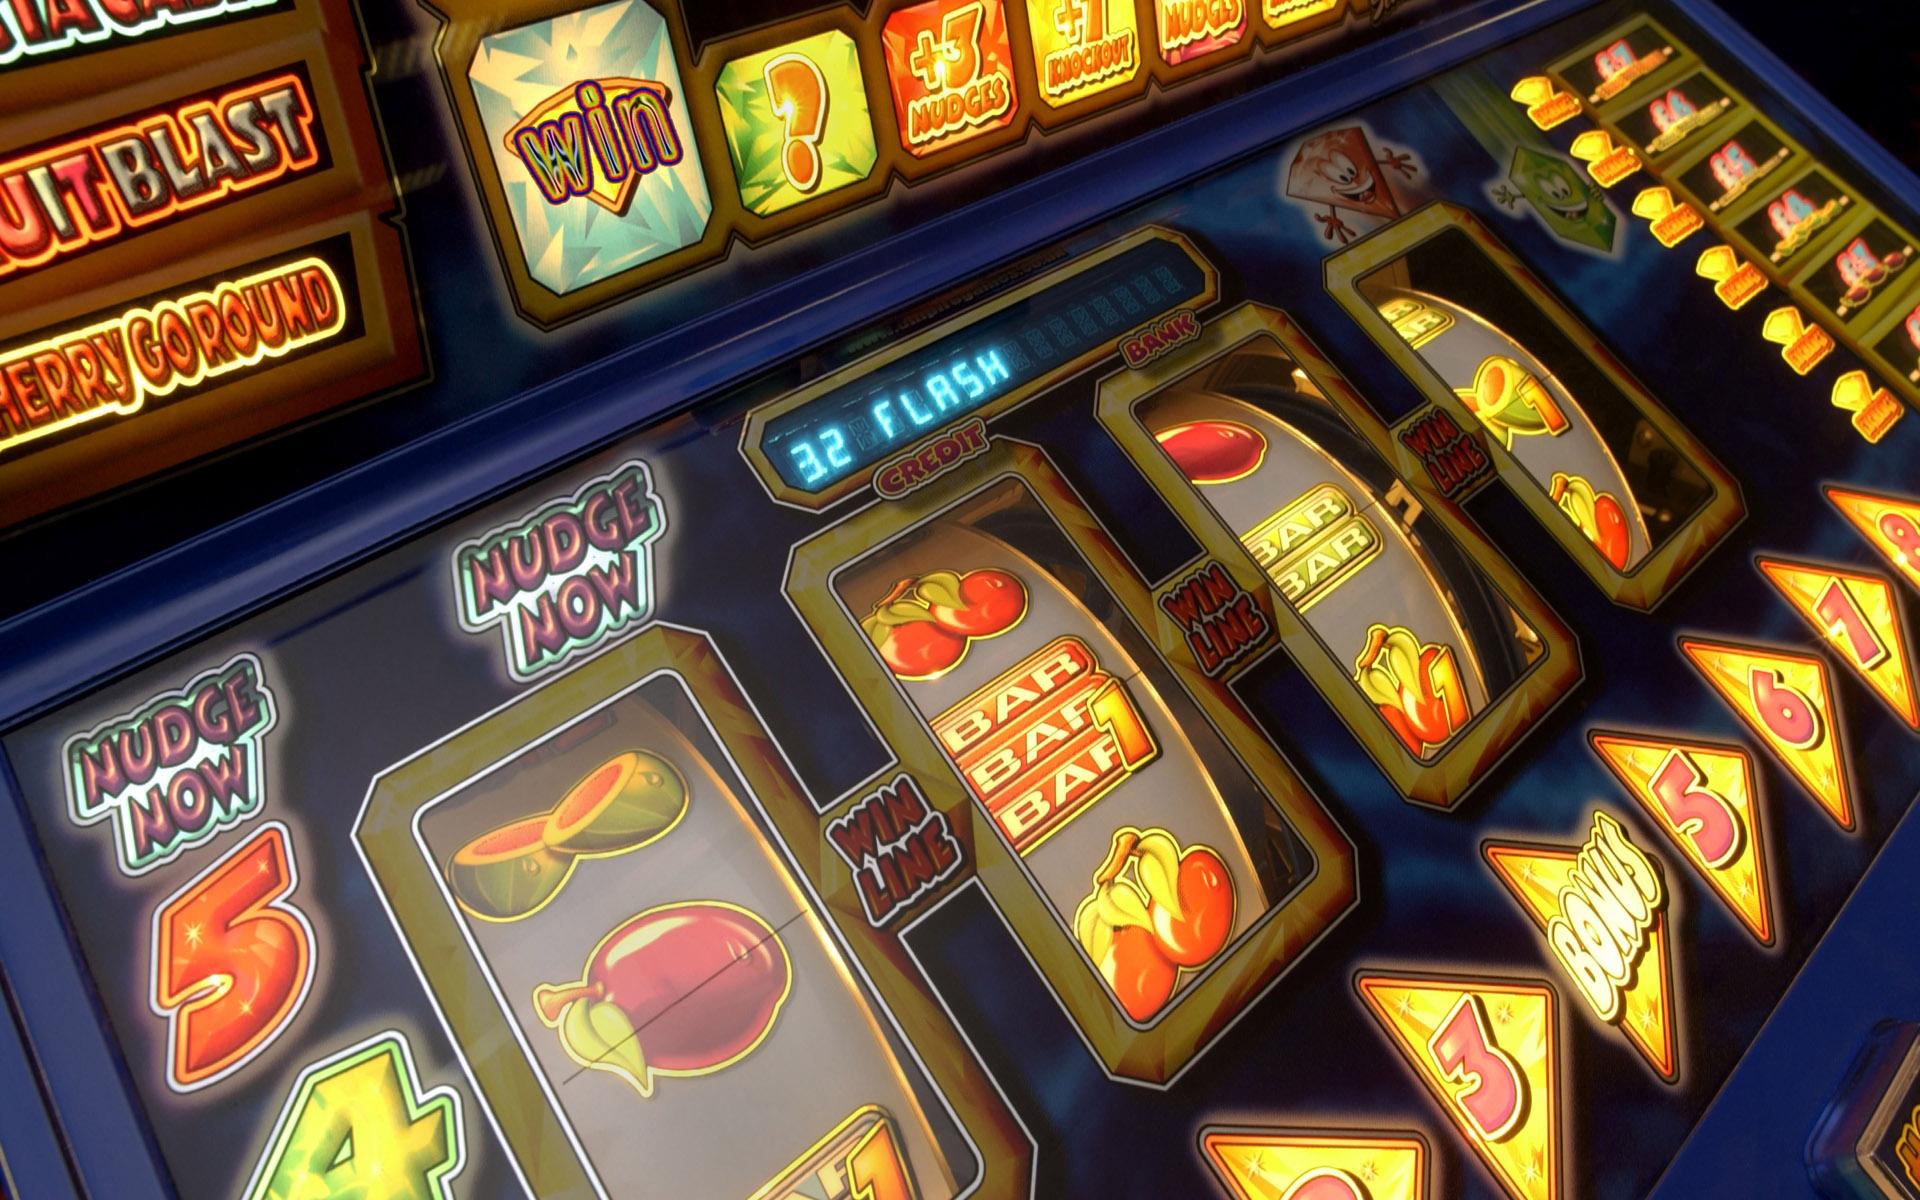 Разработка игровых программ для интернет казино в красноярске новоматик игровые автоматы обезьяны